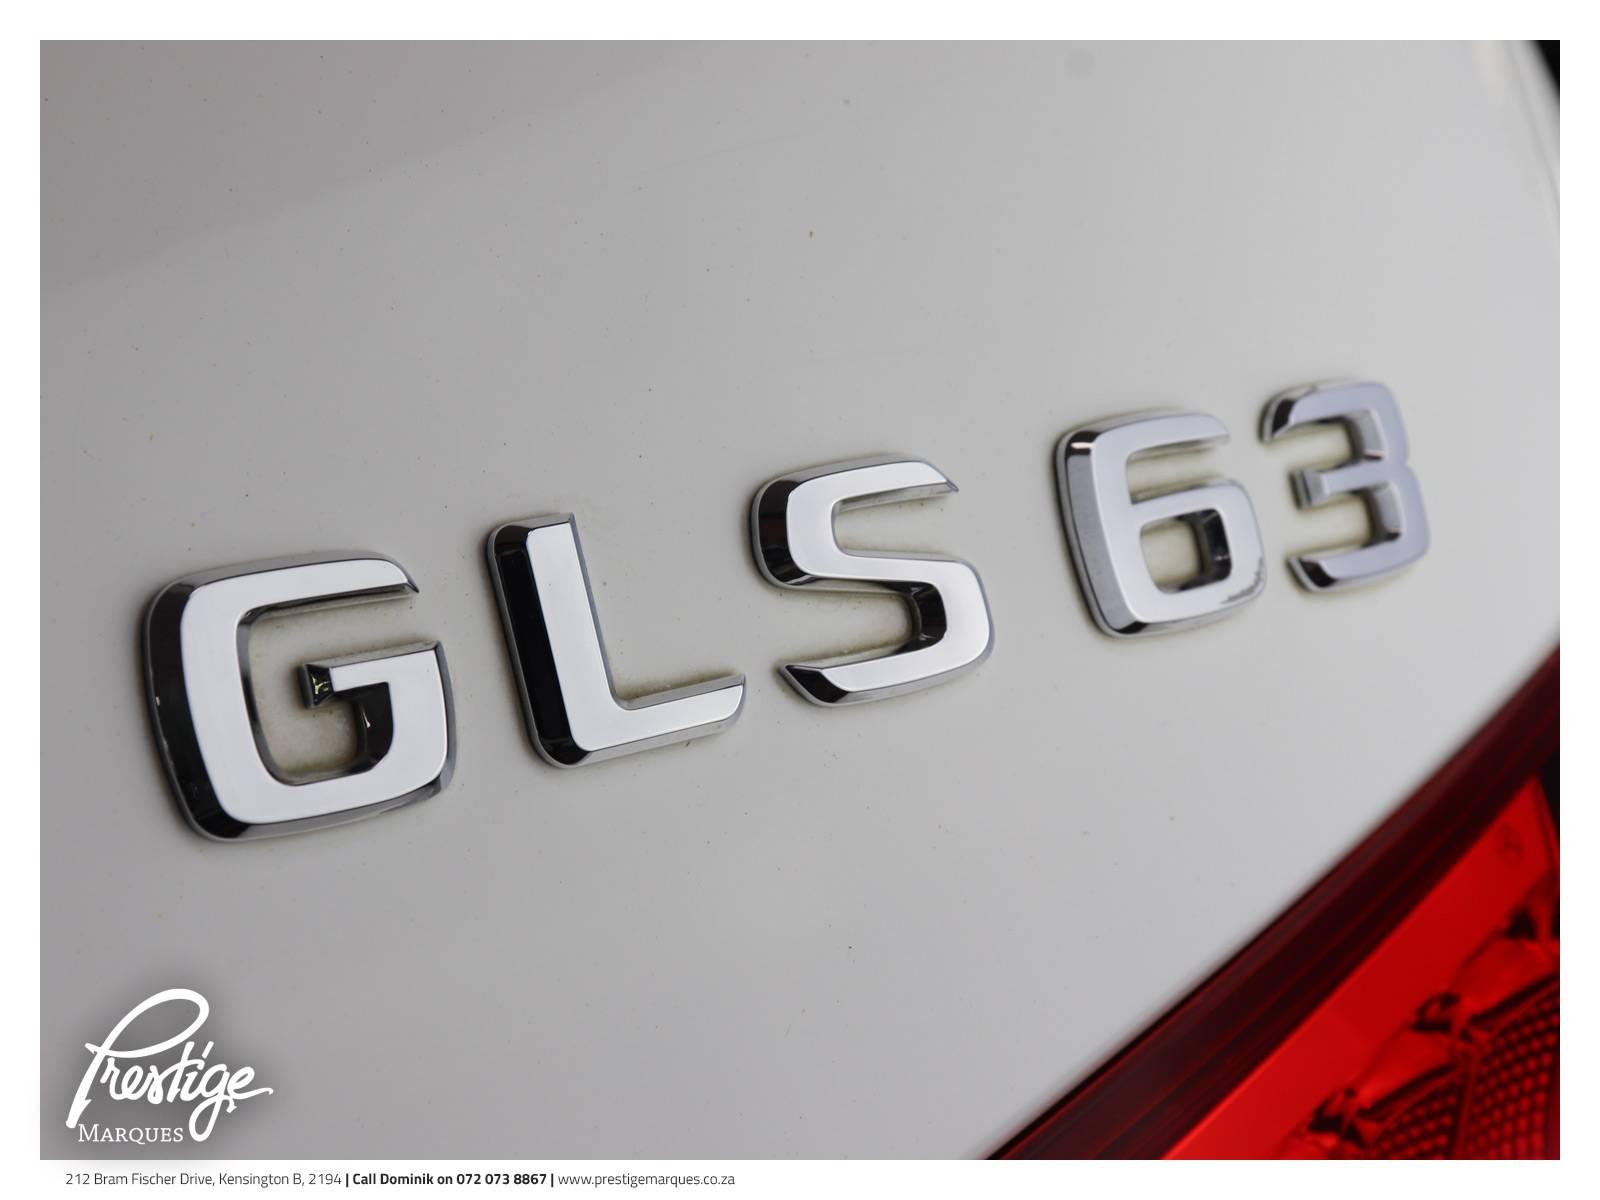 2016-Mercedes-Benz-GLS-63-AMG-Prestige-Marques-11